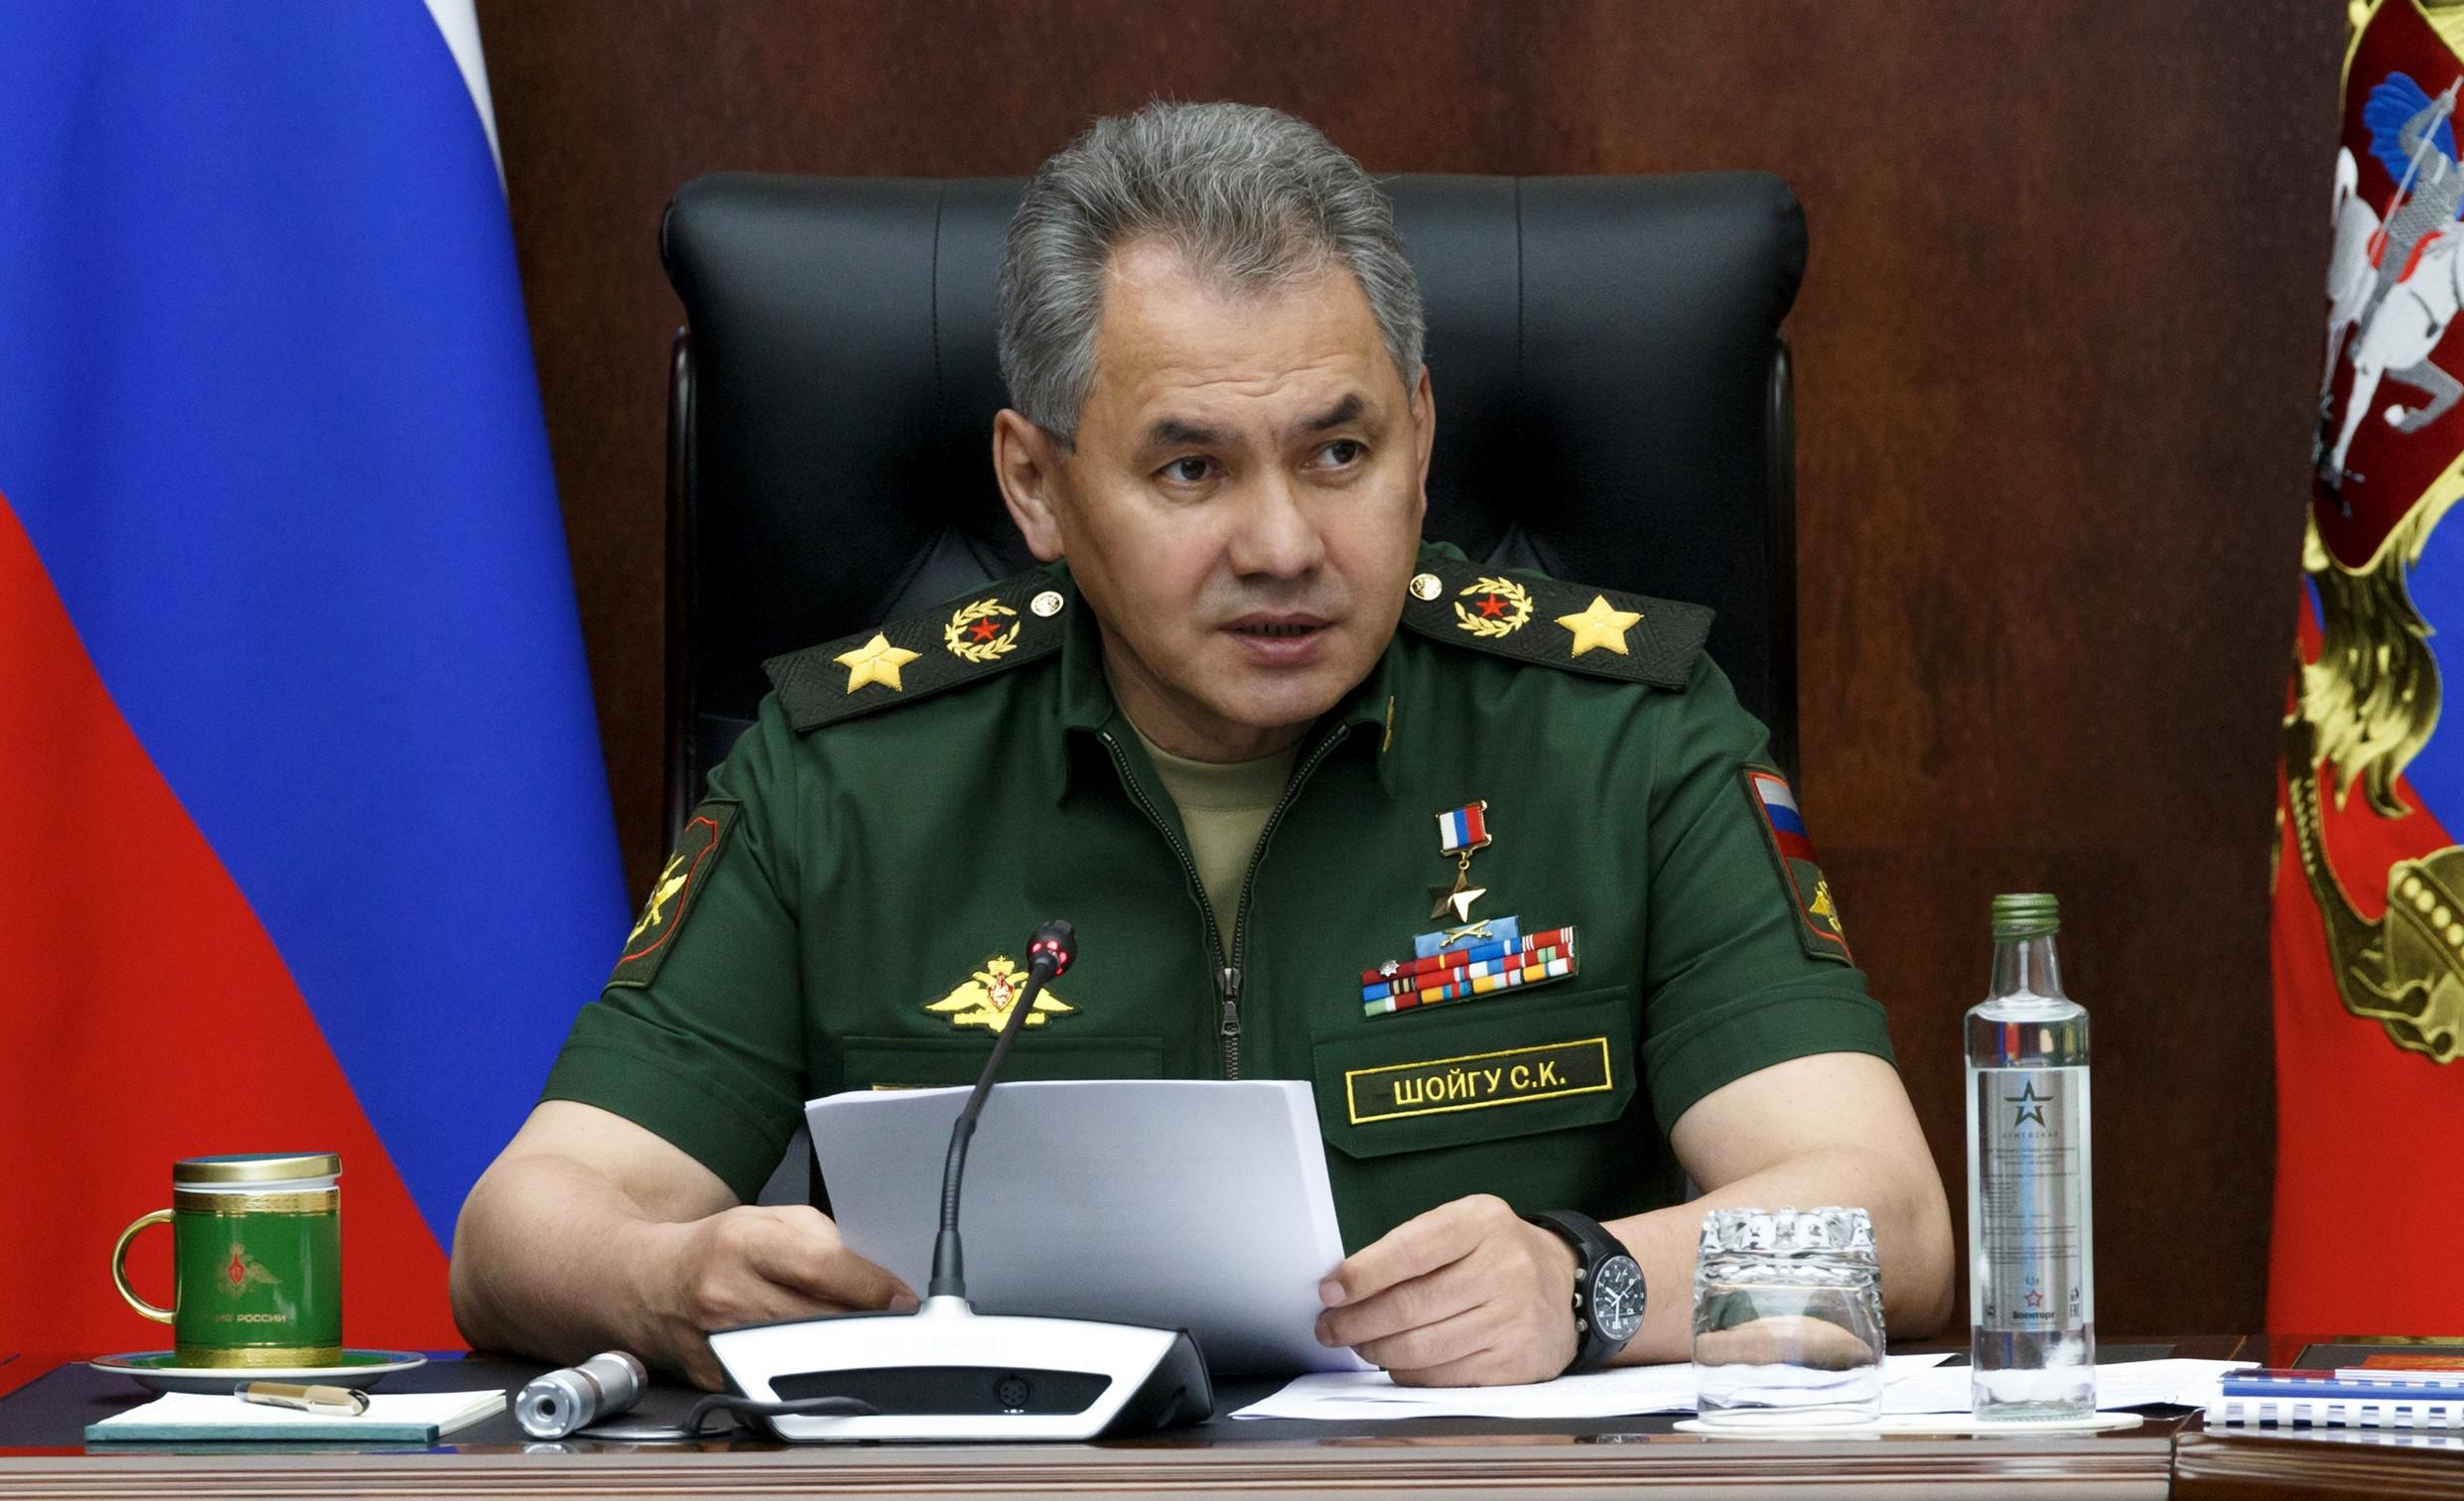 Боевой состав ВКС РФ усовершенствуют с учетом сирийского опыта